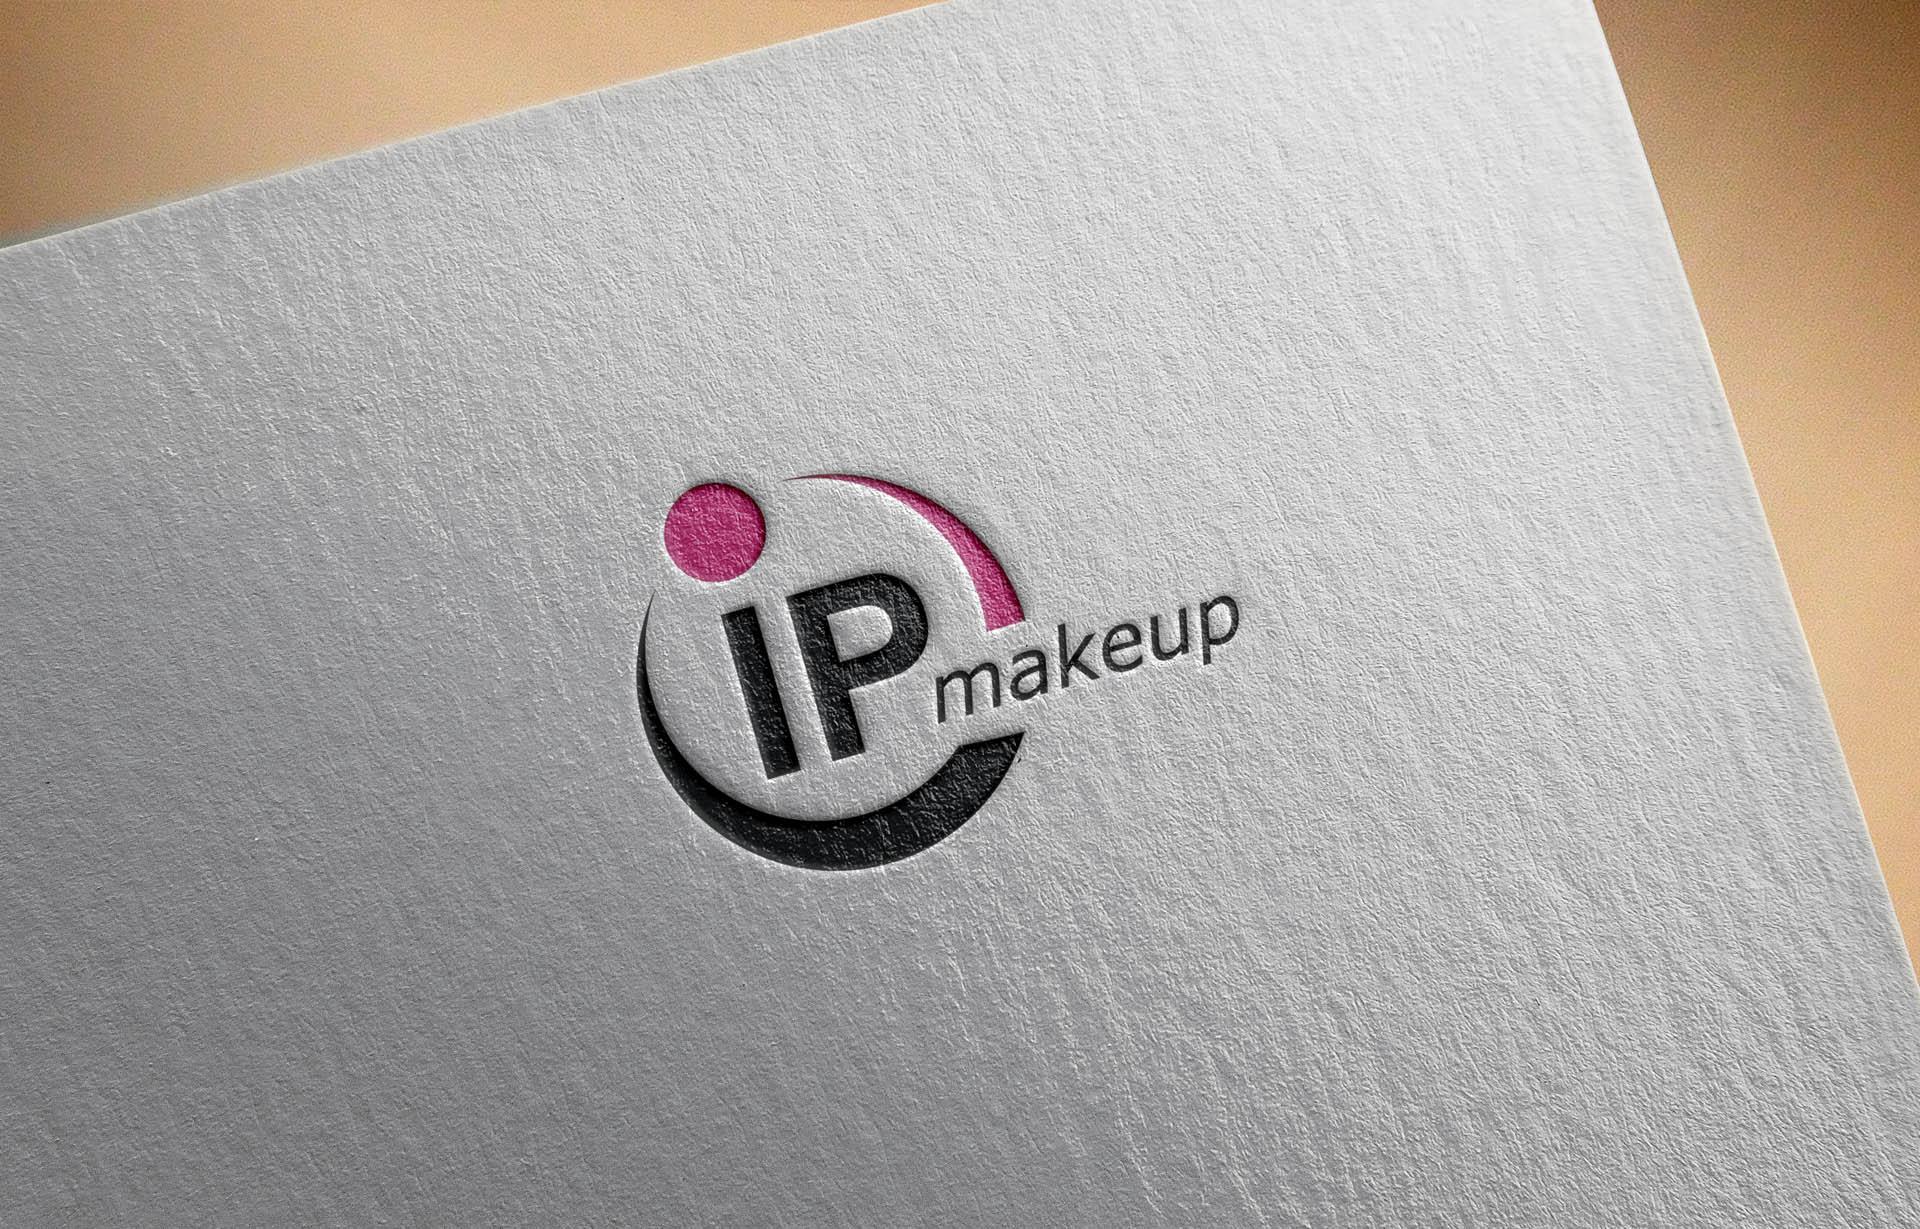 Adatto.cz, tvorba loga - IP Makeup